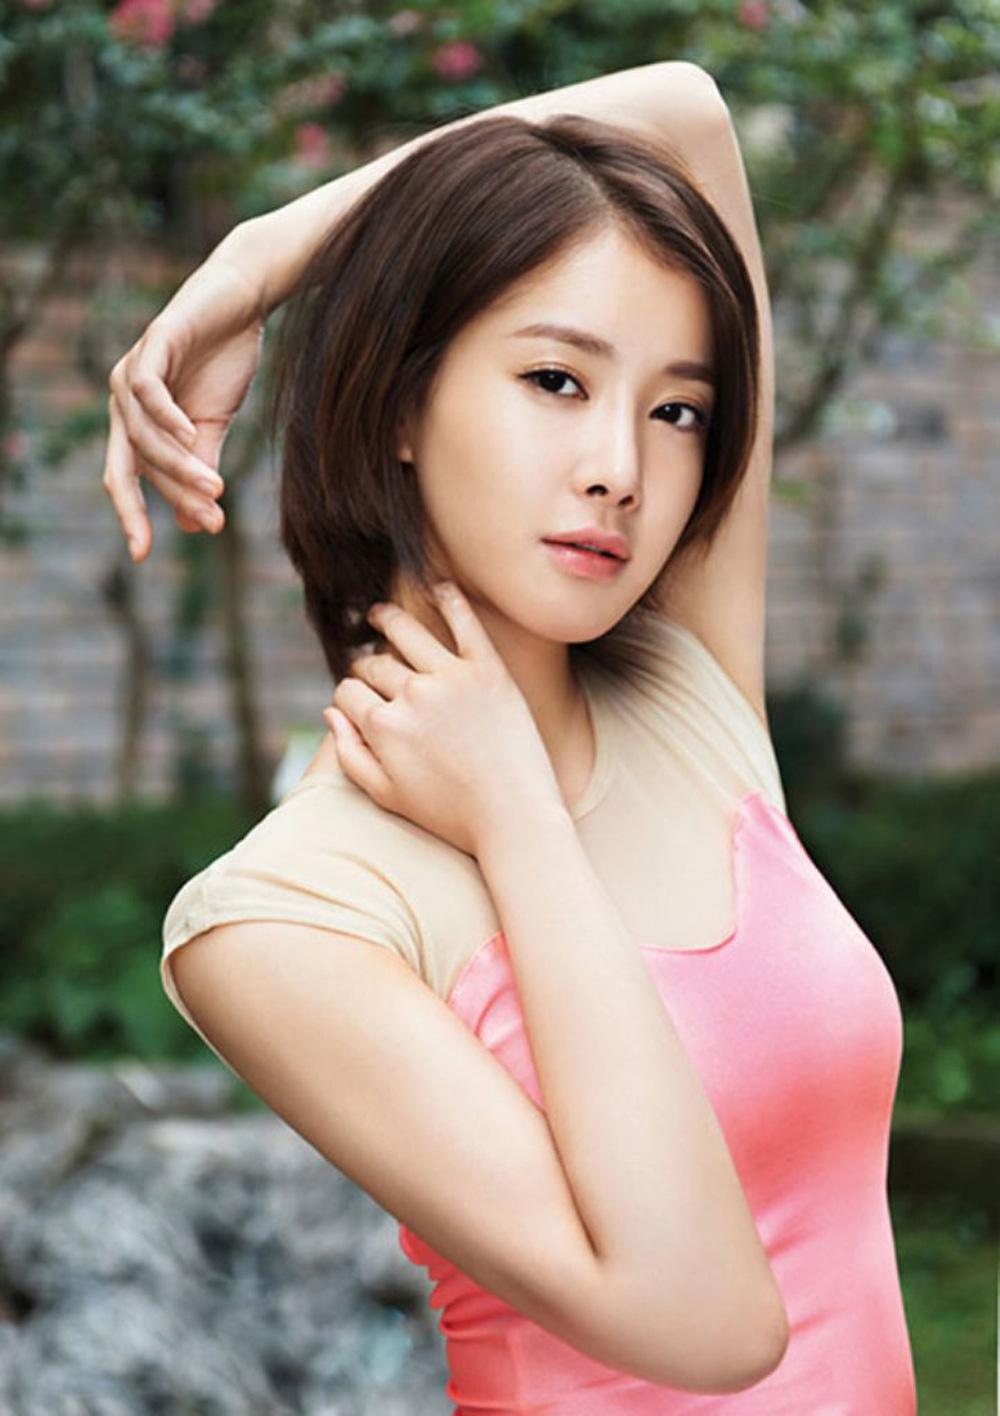 Mỹ nhân màn ảnh Hàn Quốc mê đấm bốc như điếu đổ - Ảnh 5.